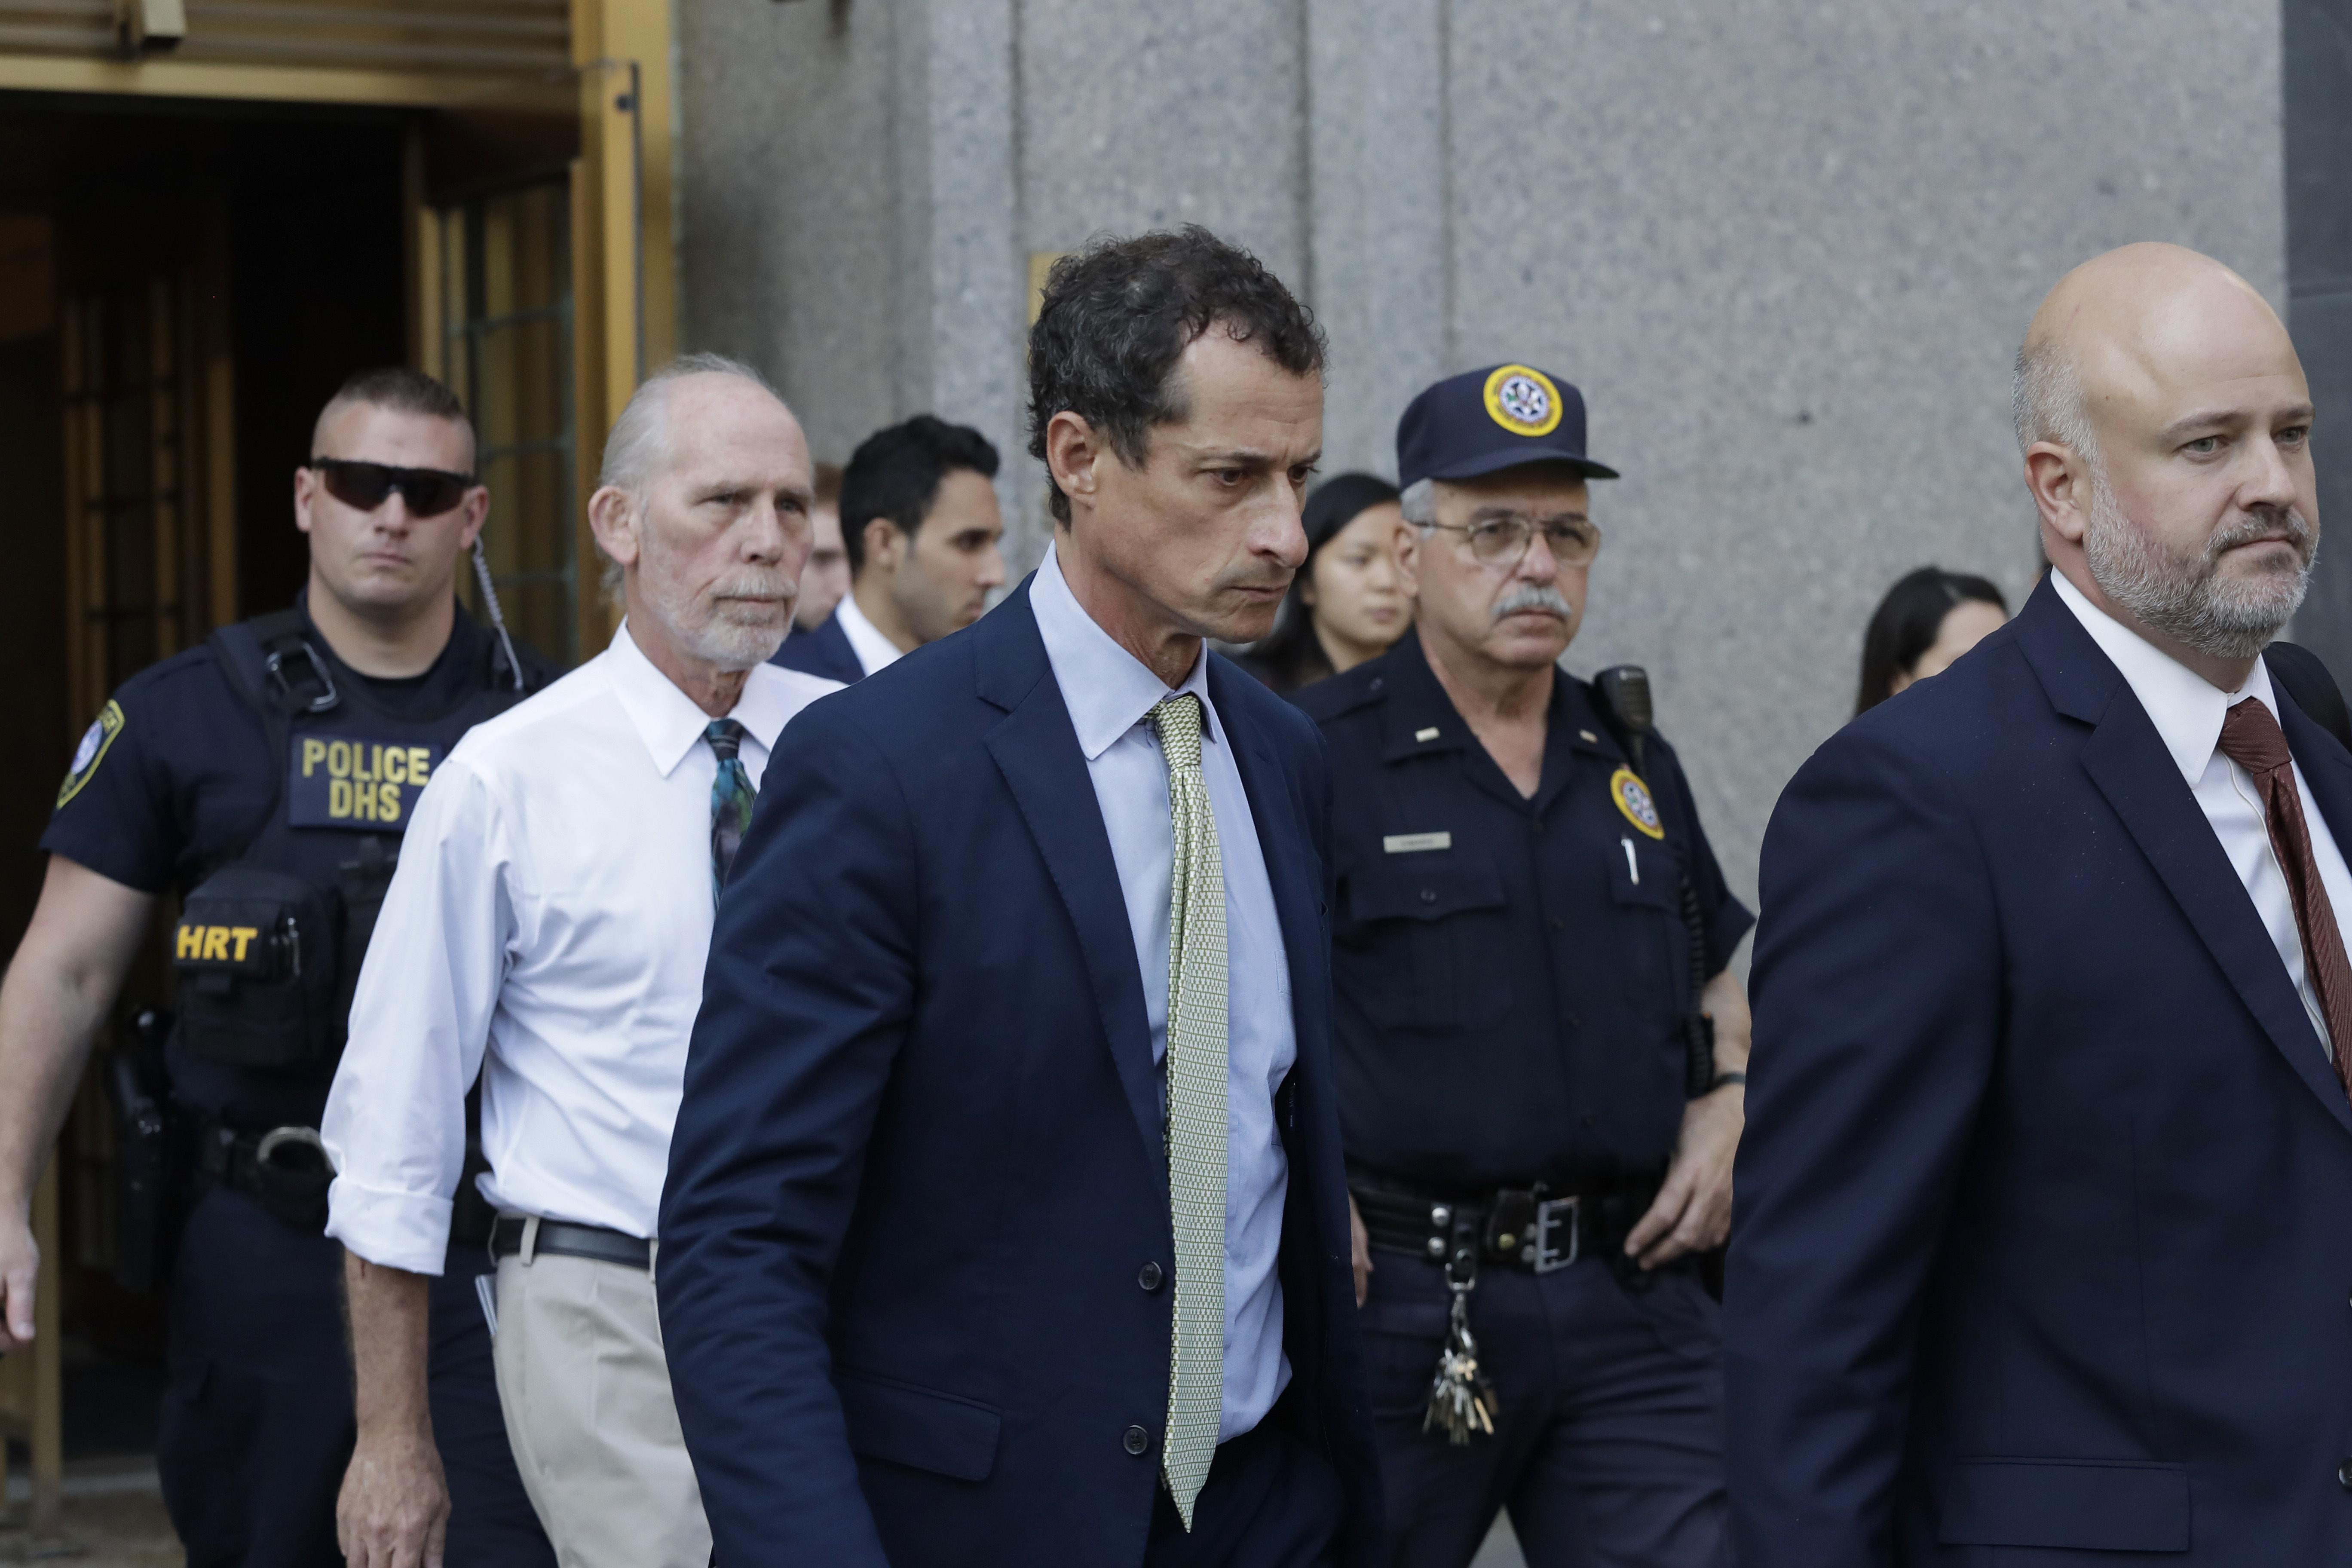 L'ex-député Anthony Weiner, D-New York, sort du tribunal fédéral après sa condamnation le lundi 25 septembre 2017 à New York. Weiner a été condamné à 21 mois dans une affaire sexuelle qui a secoué la course présidentielle.